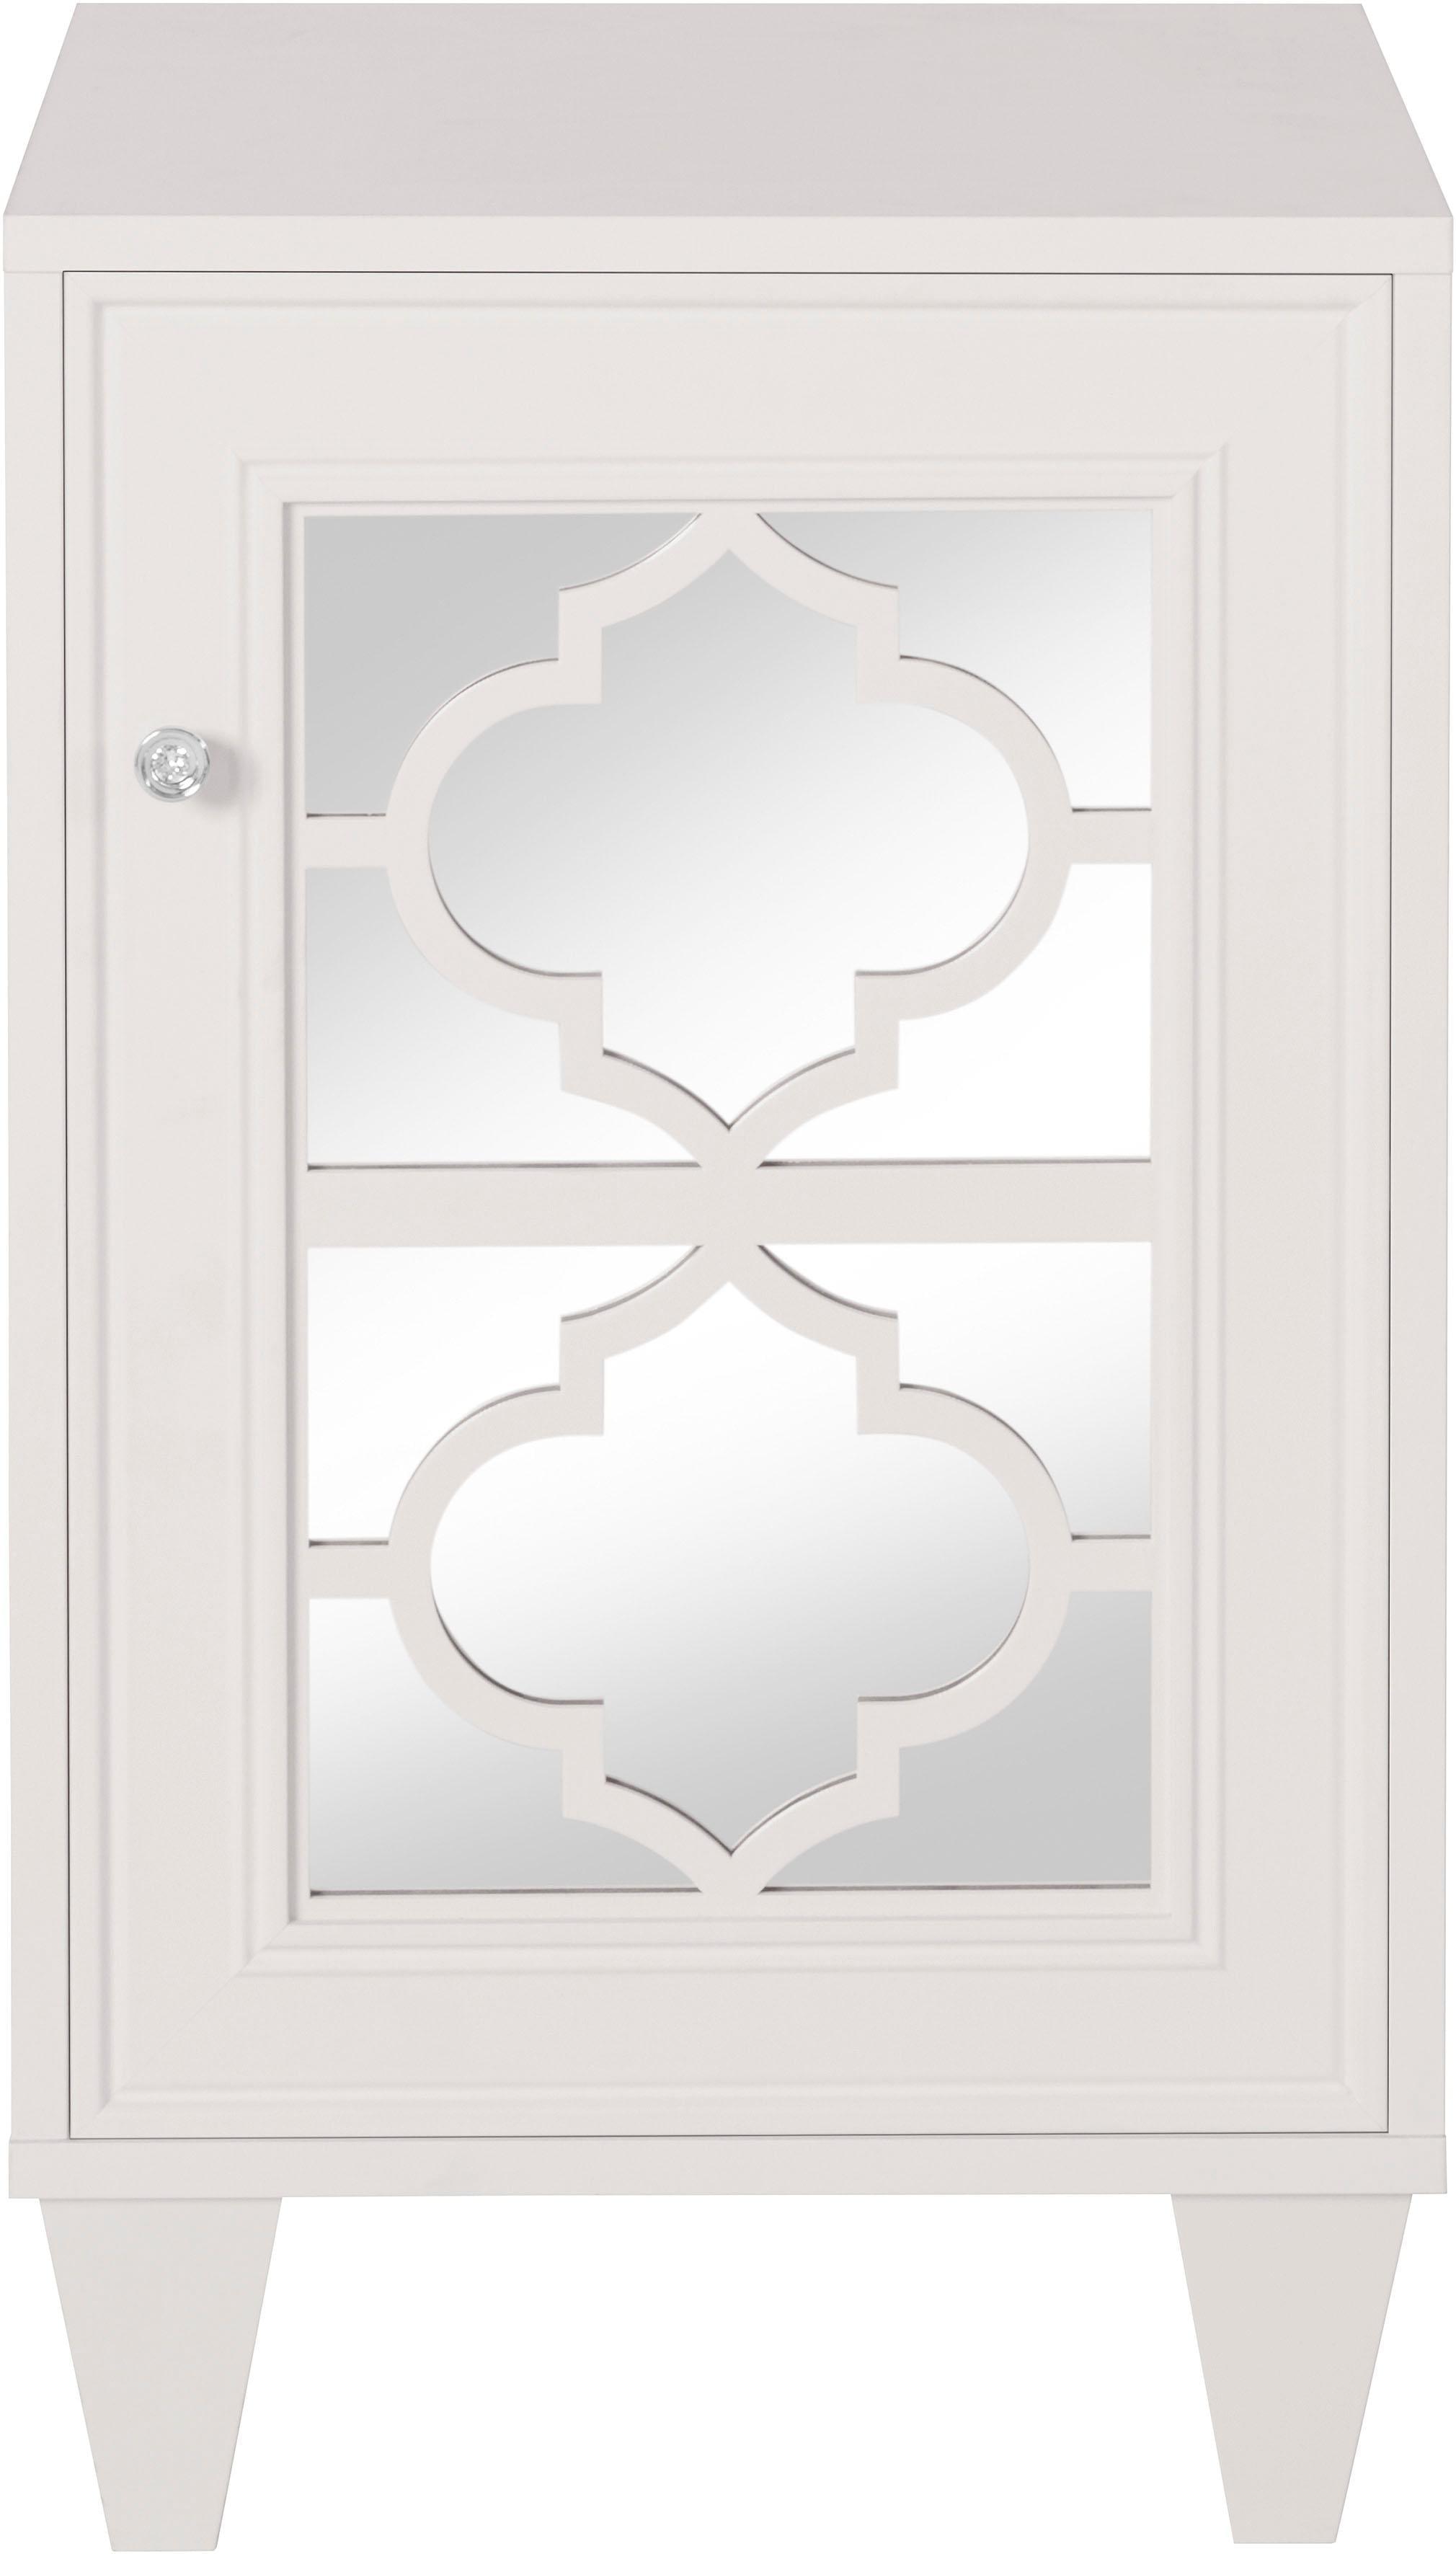 Leonique Nachttisch Jessica mit Spiegelfront und schön ausgefrästen Profilen | Schlafzimmer > Nachttische | Weiß | Leonique